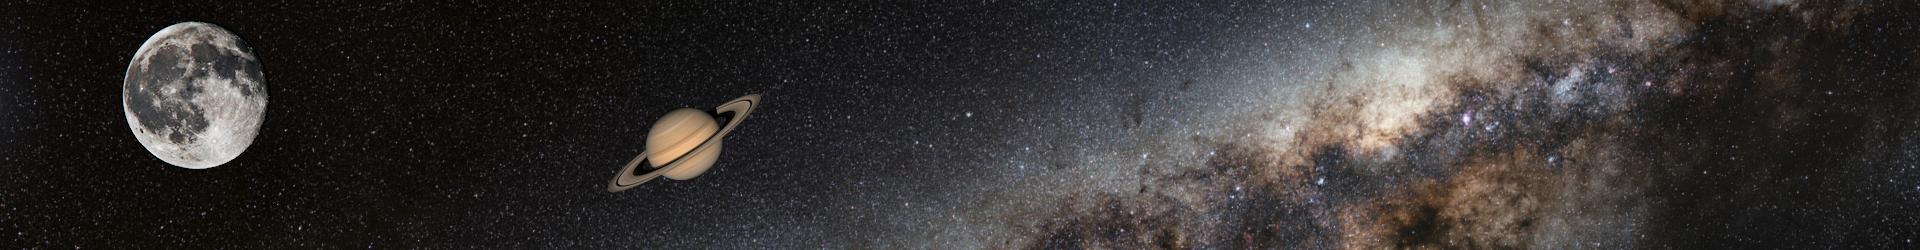 Kategorie: Galaxien